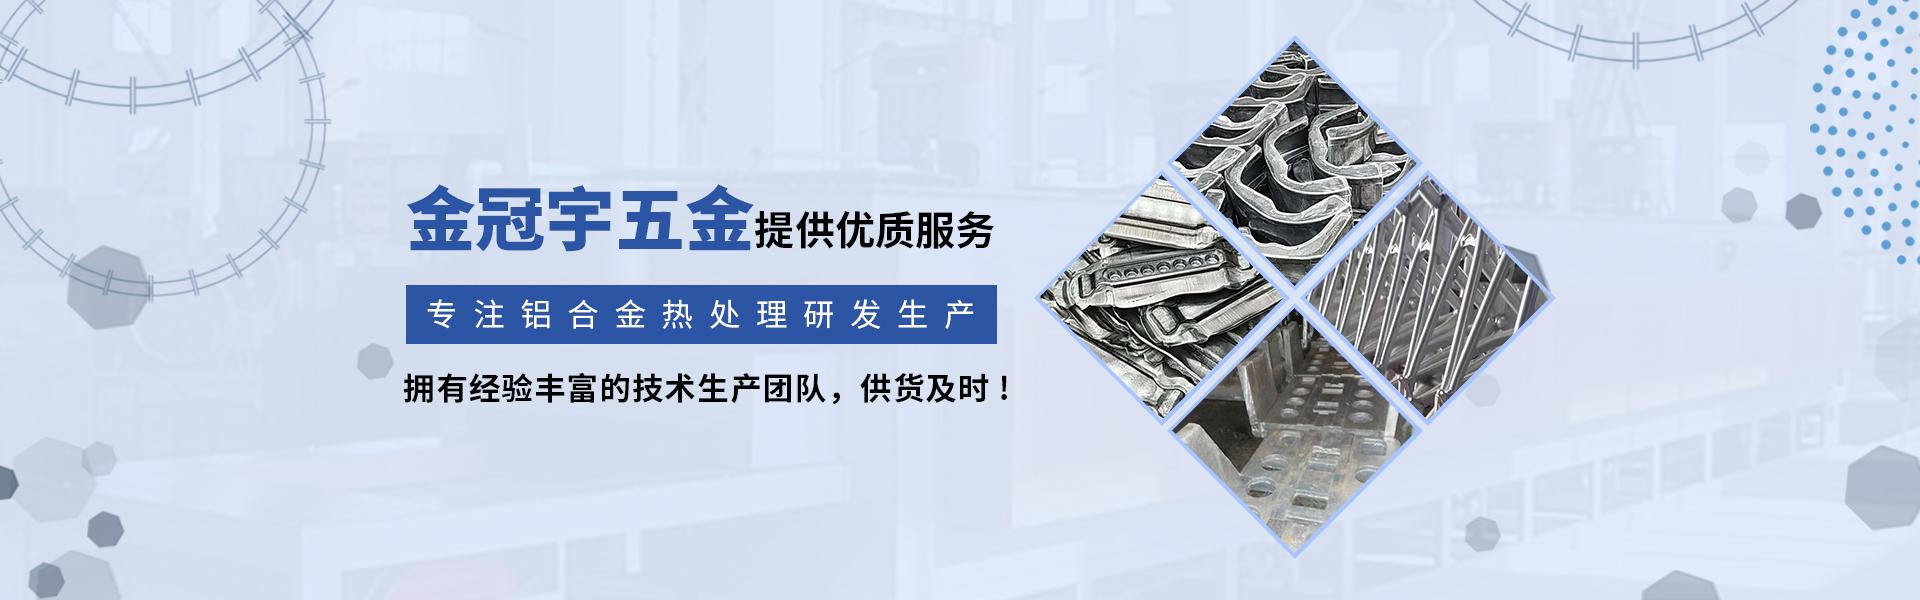 铝材热处理加工